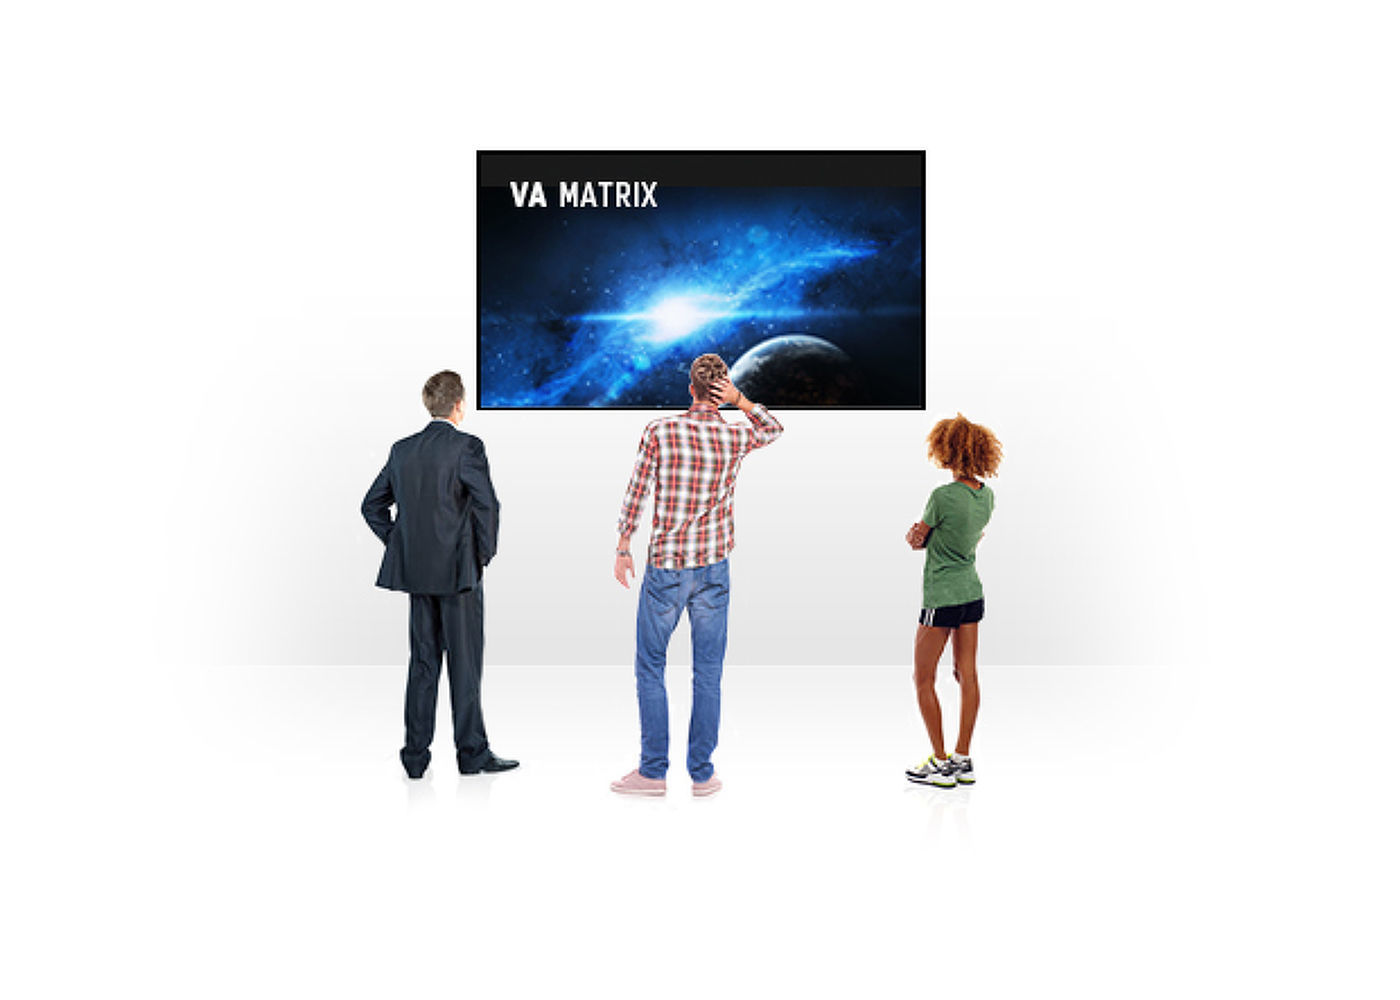 954732686a5157adafa2e5d0485ac8c9-va-matrix.jpg [MS-15481123719086096-0091137101-FR]/Catalogue produits RDC et GM / Online